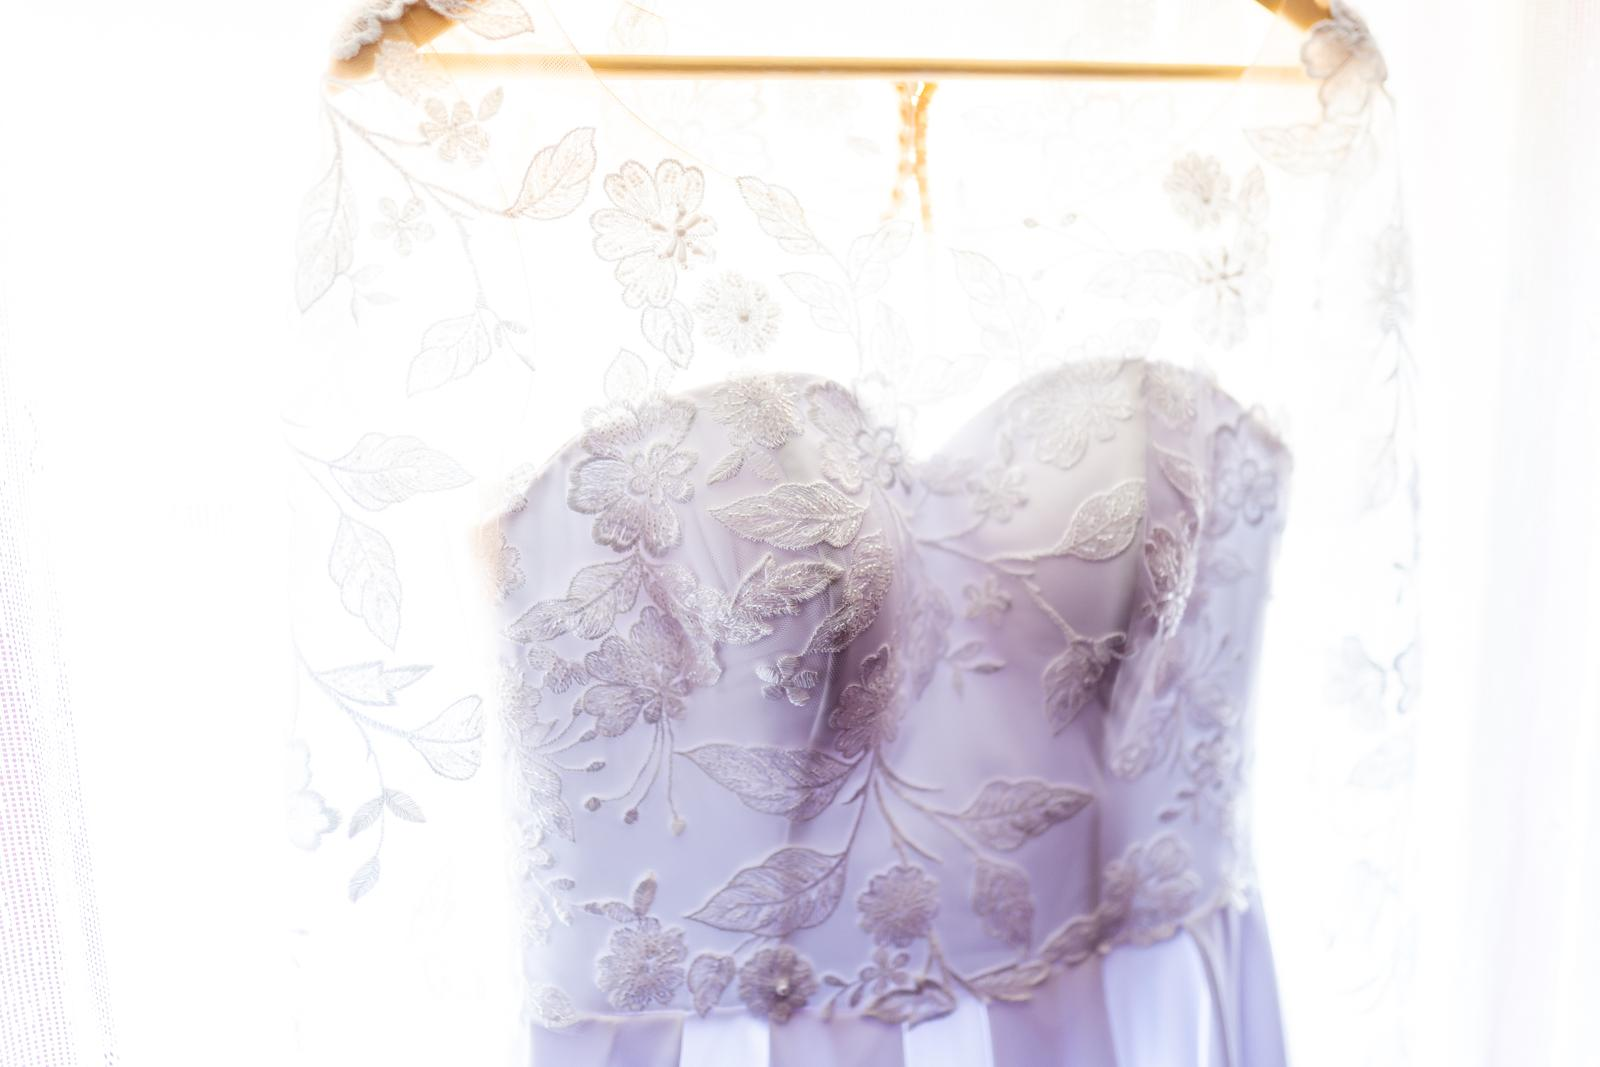 Svadobné šaty s dlhými rukávmi  - Obrázok č. 3